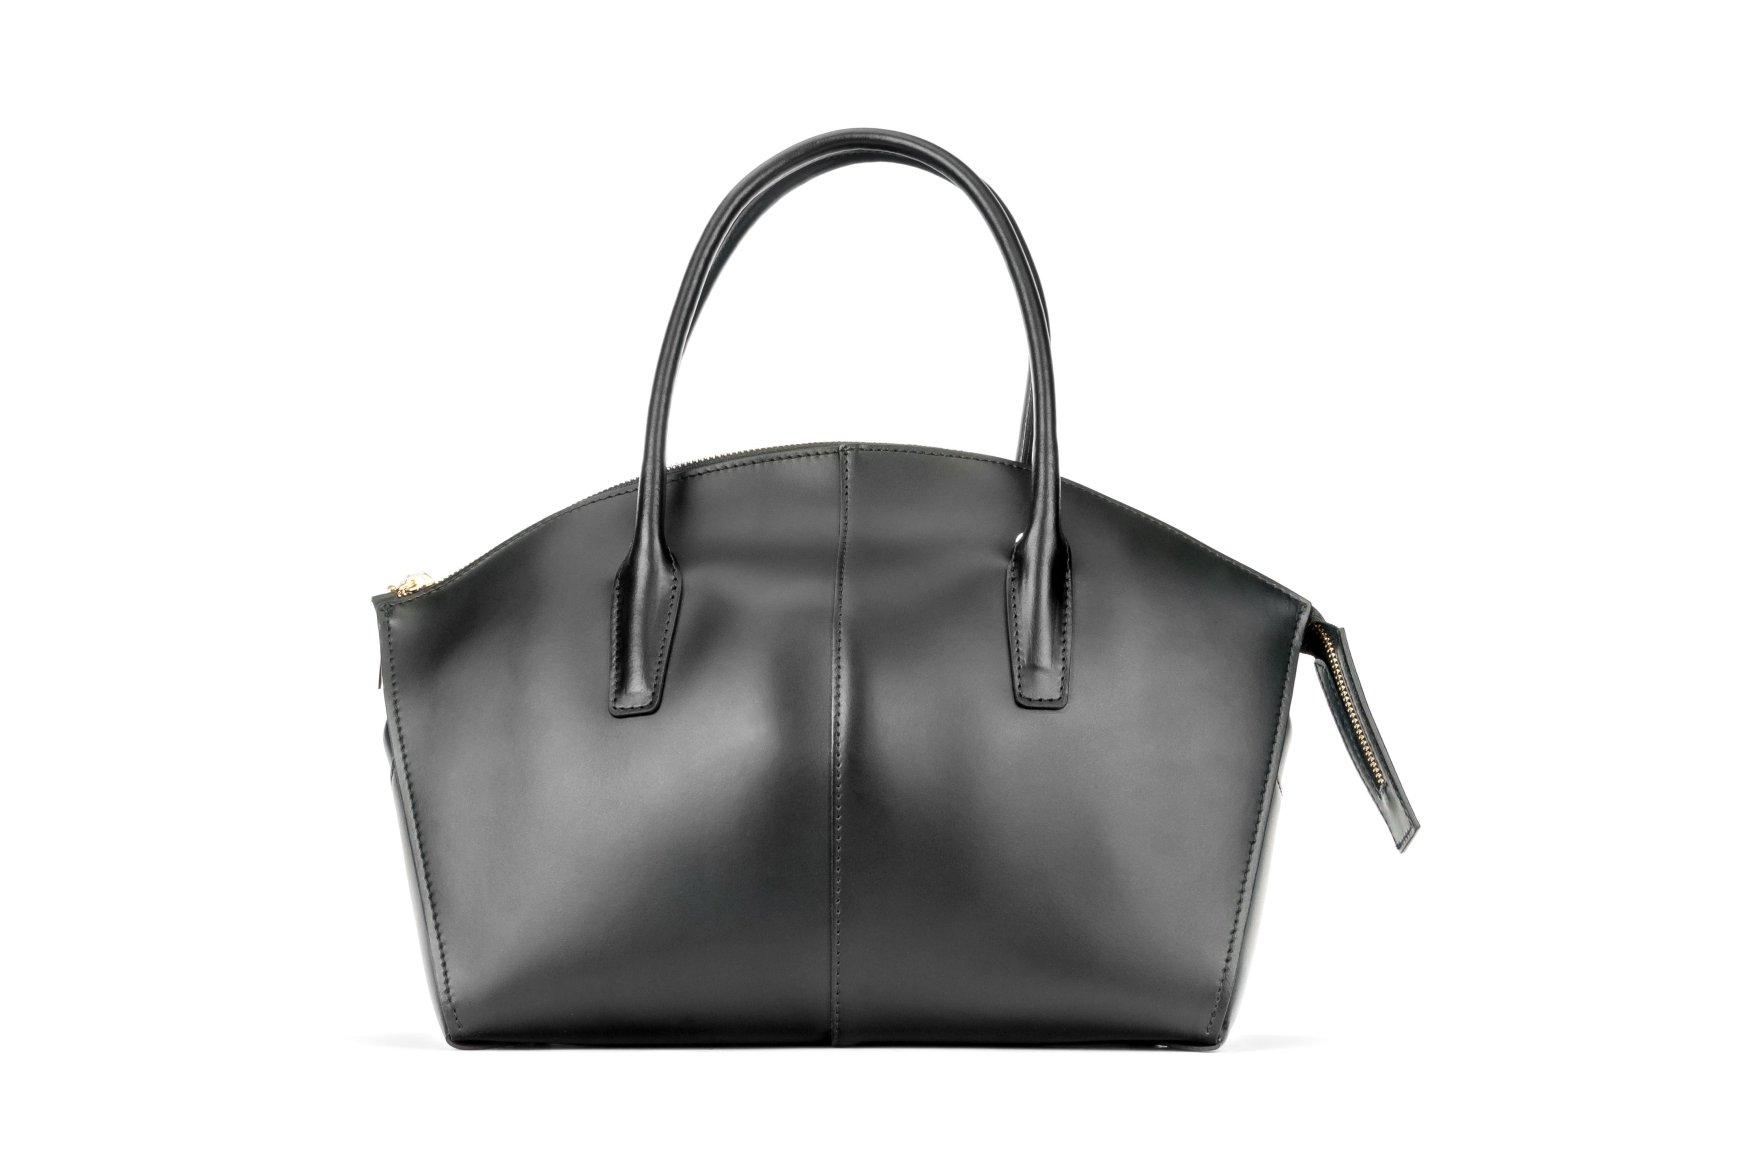 8876311a1853 Кожаная сумка шоппер - Estro